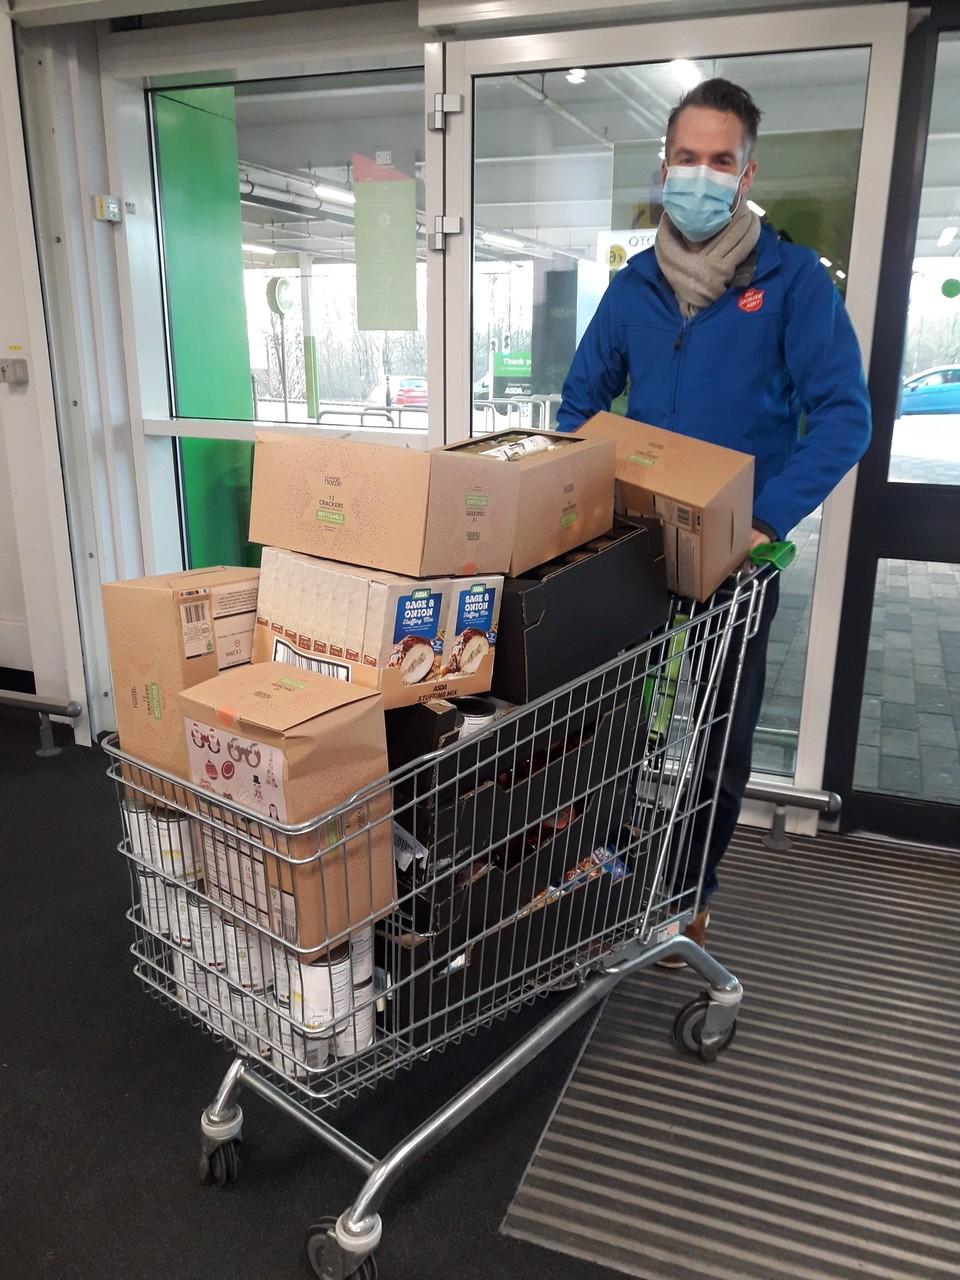 S20 Food Bank donations | Asda Sheffield Drakehouse